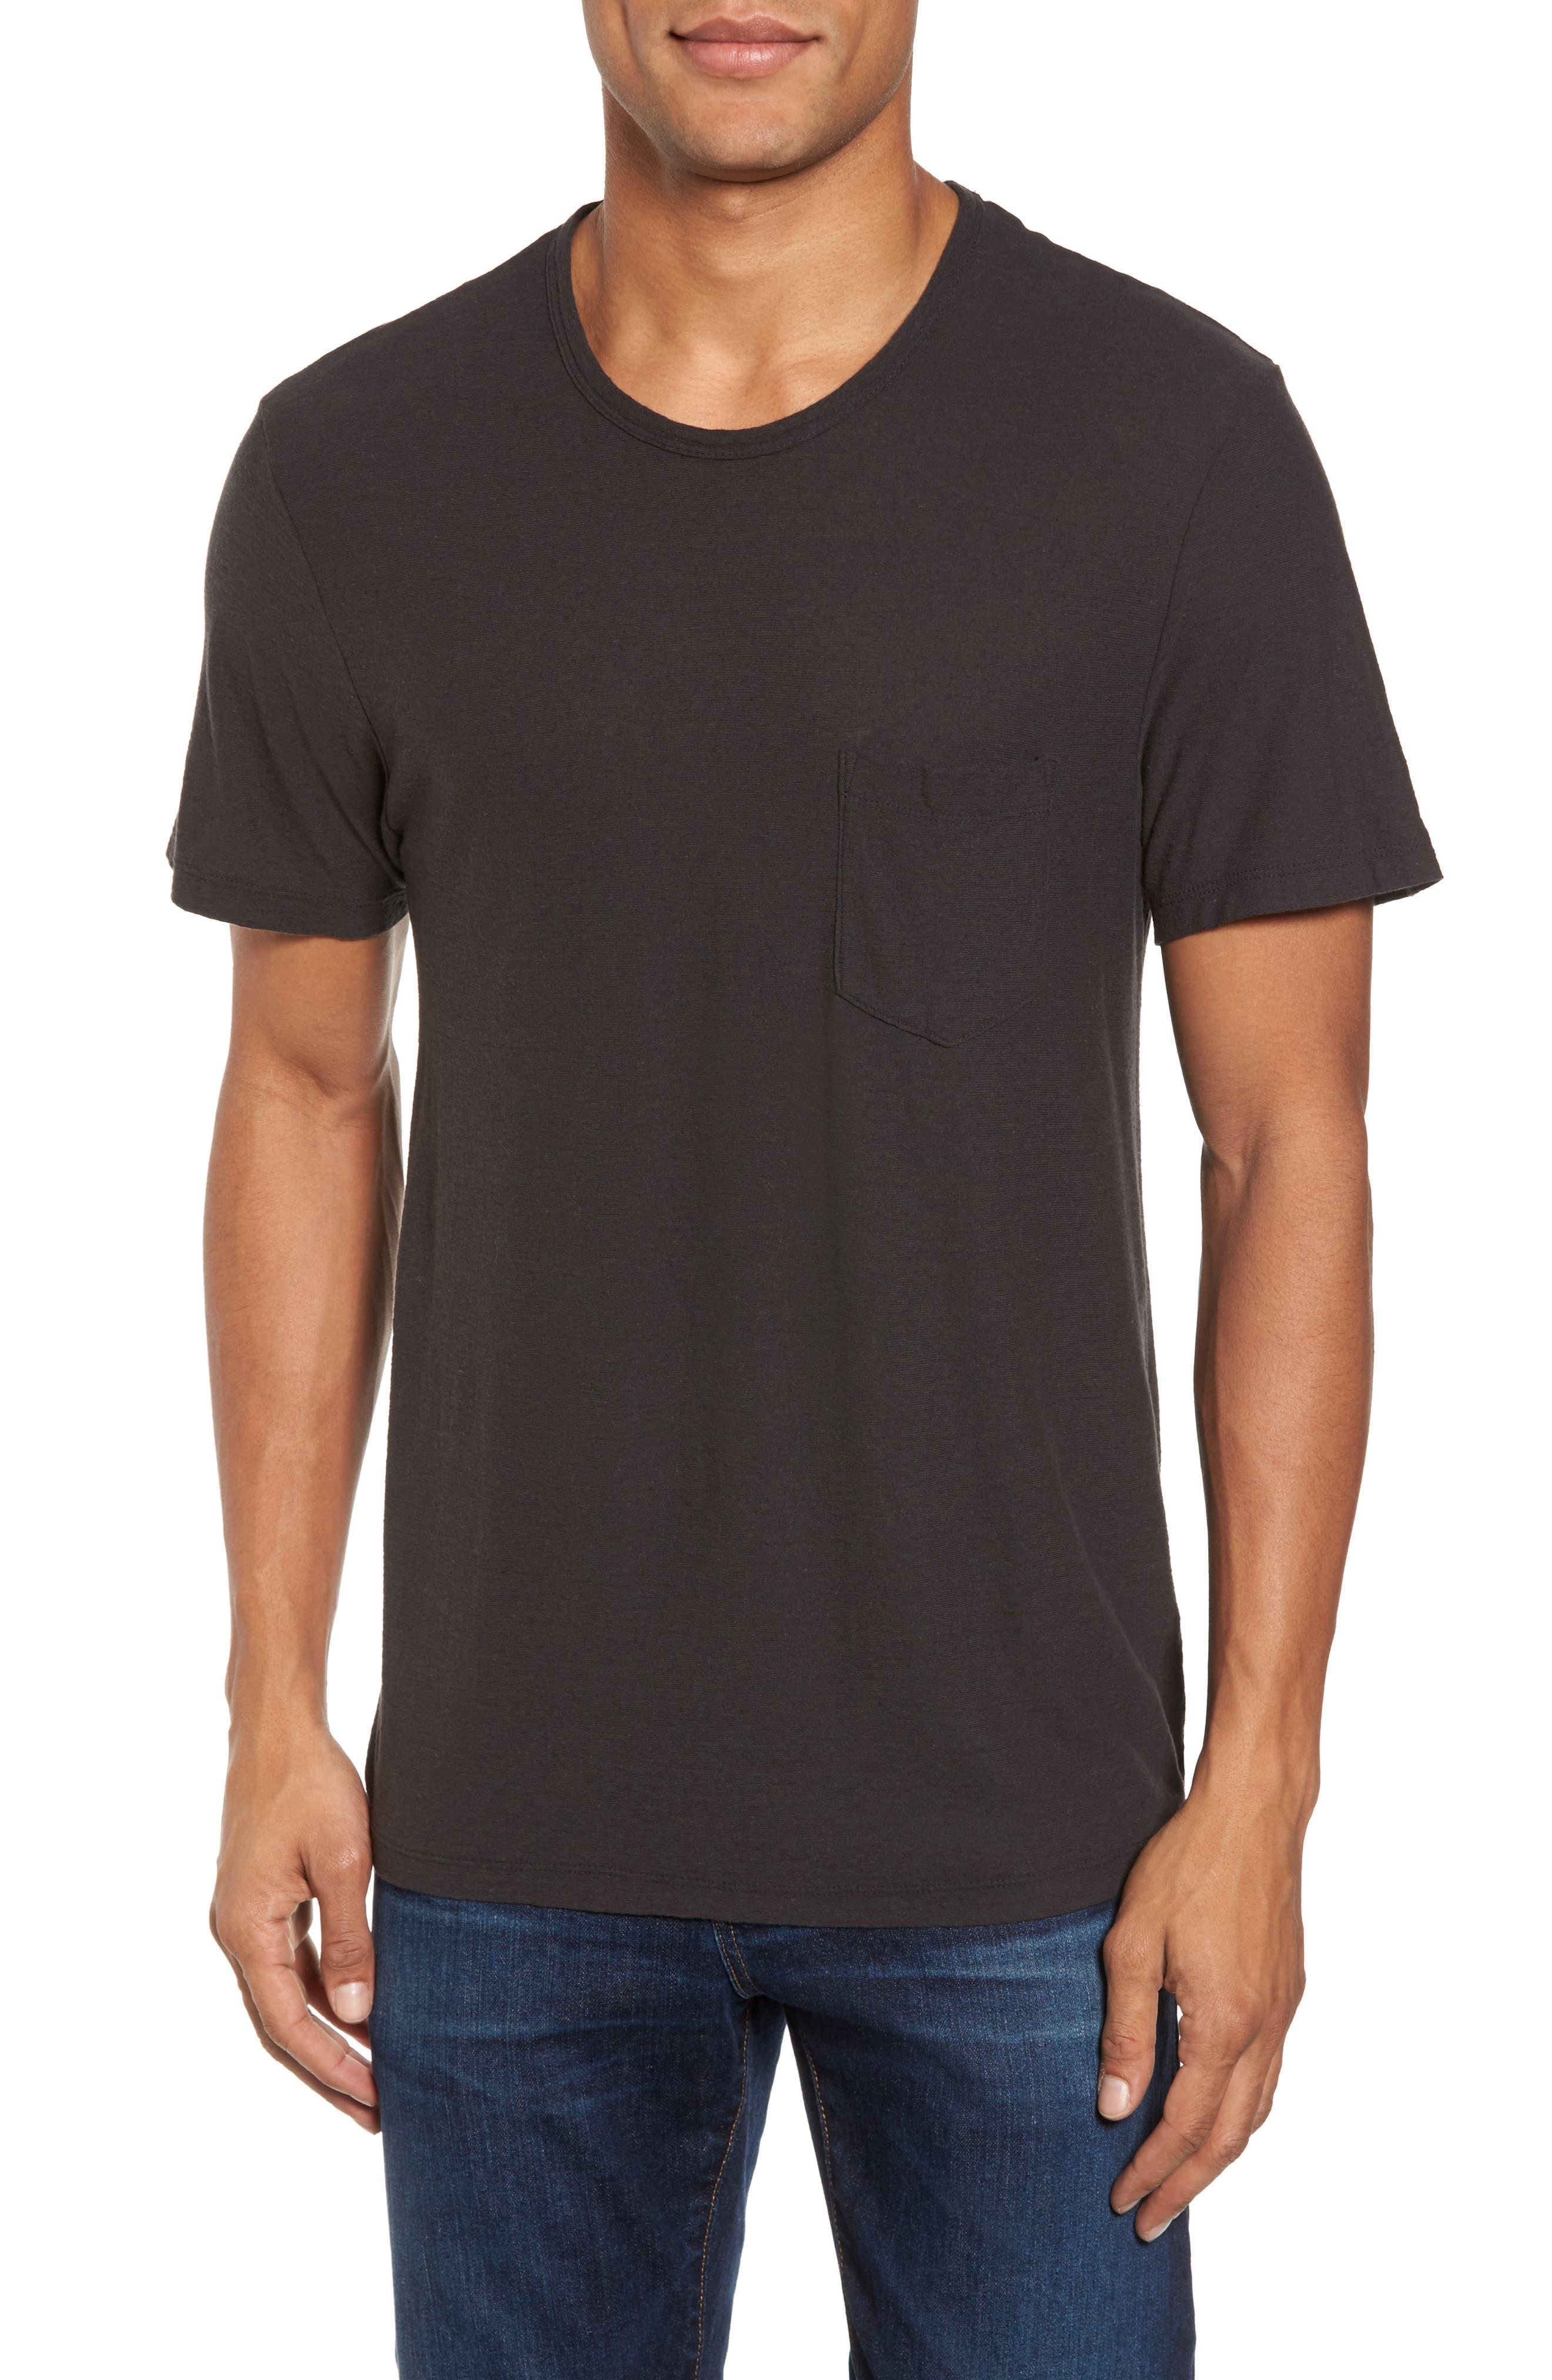 Cotton & Linen Pocket T-Shirt,                             Main thumbnail 1, color,                             020